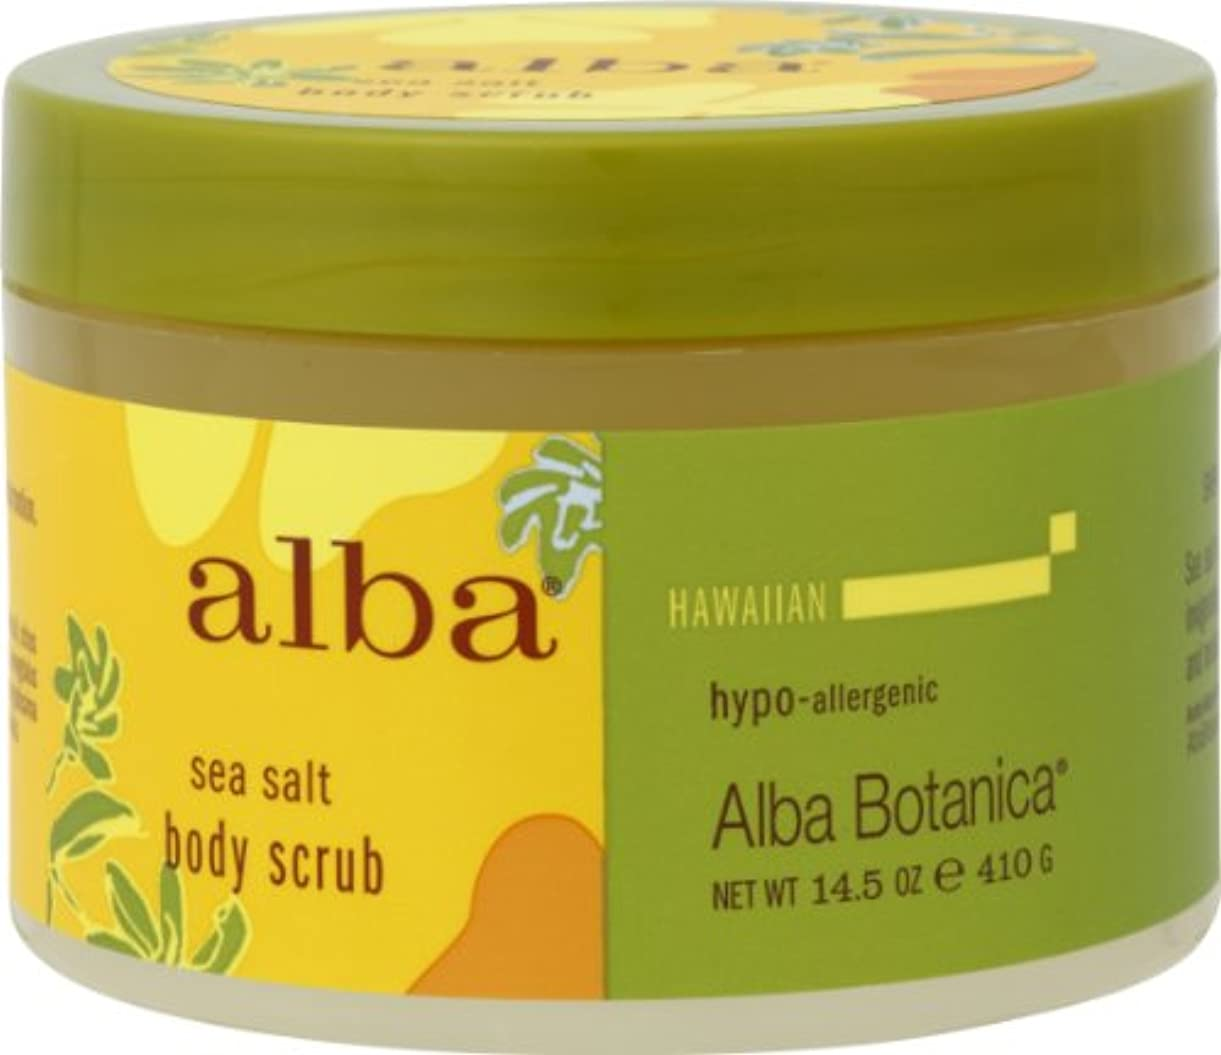 追加する清める情熱alba BOTANICA アルバボタニカ ハワイアン ボディスクラブSS シーソルト